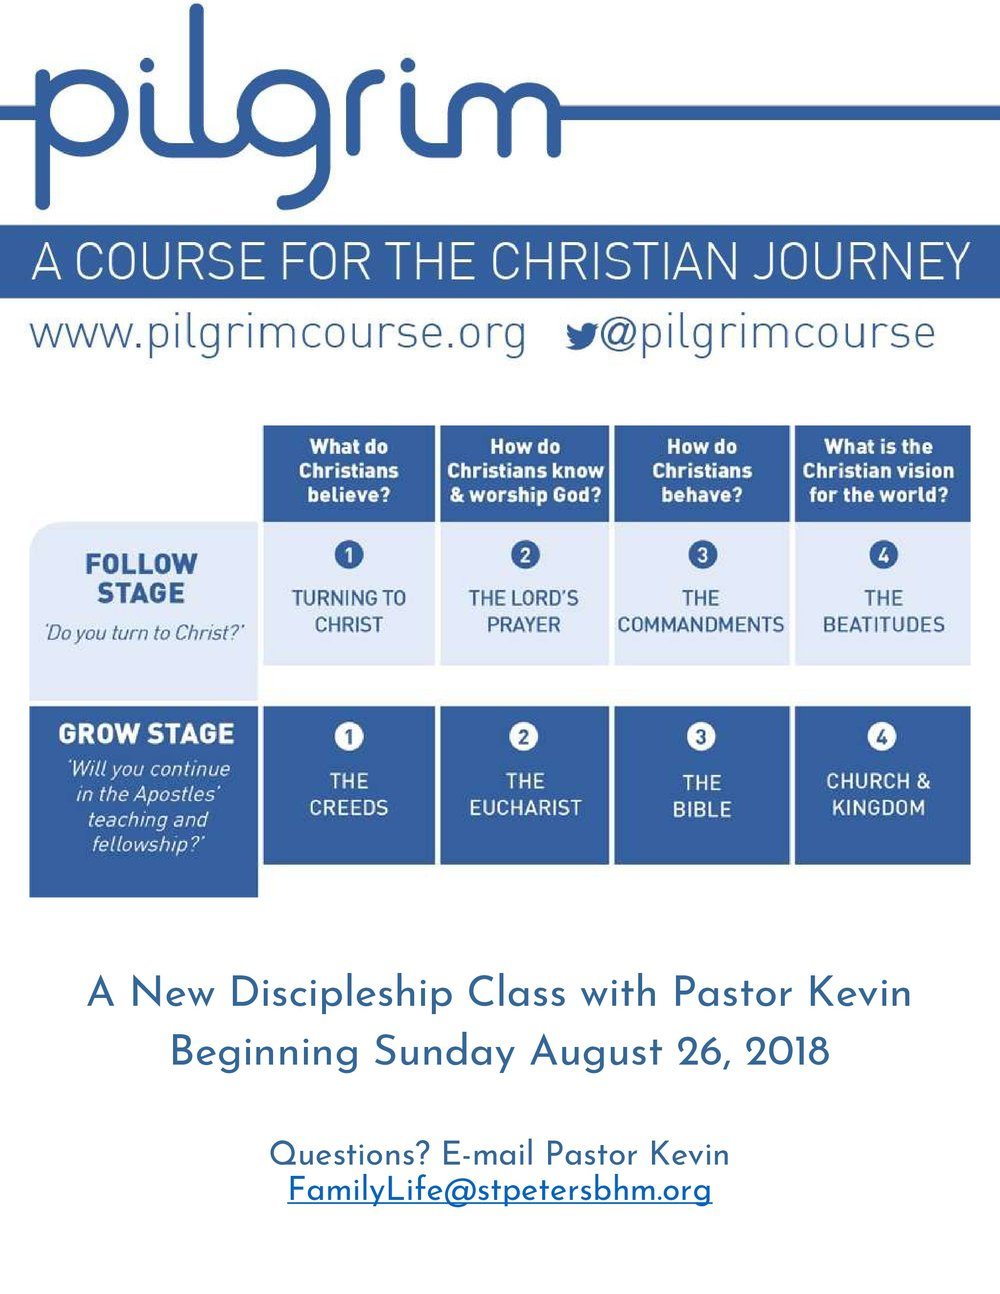 pilgrim1.jpg